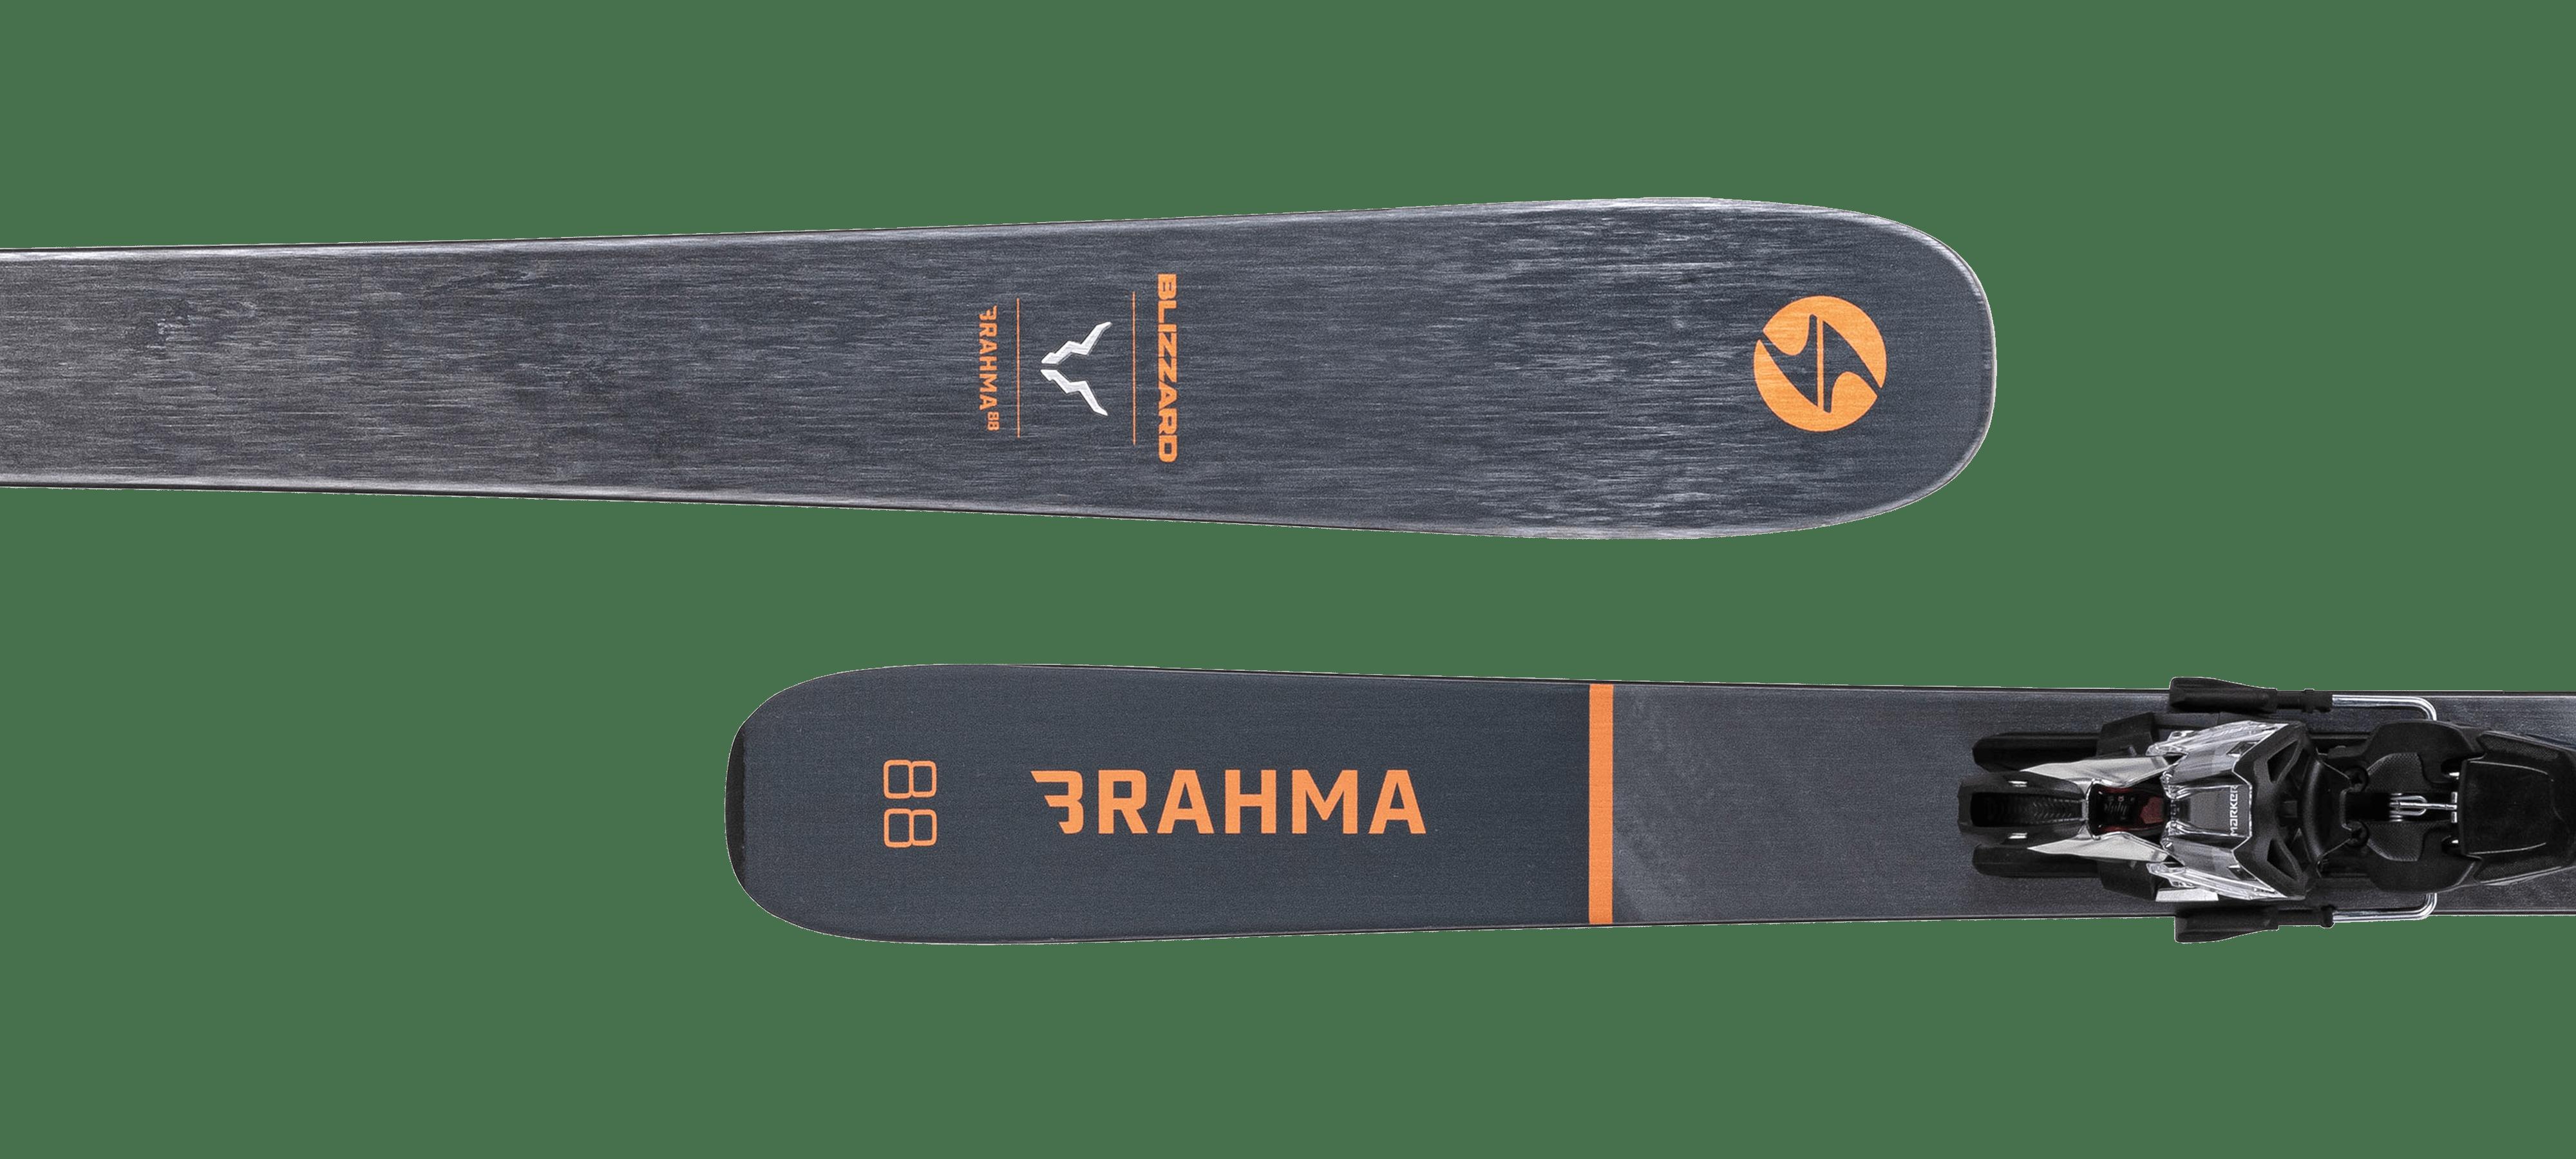 BRAHMA 88 + GRIFFON 13 DEMO